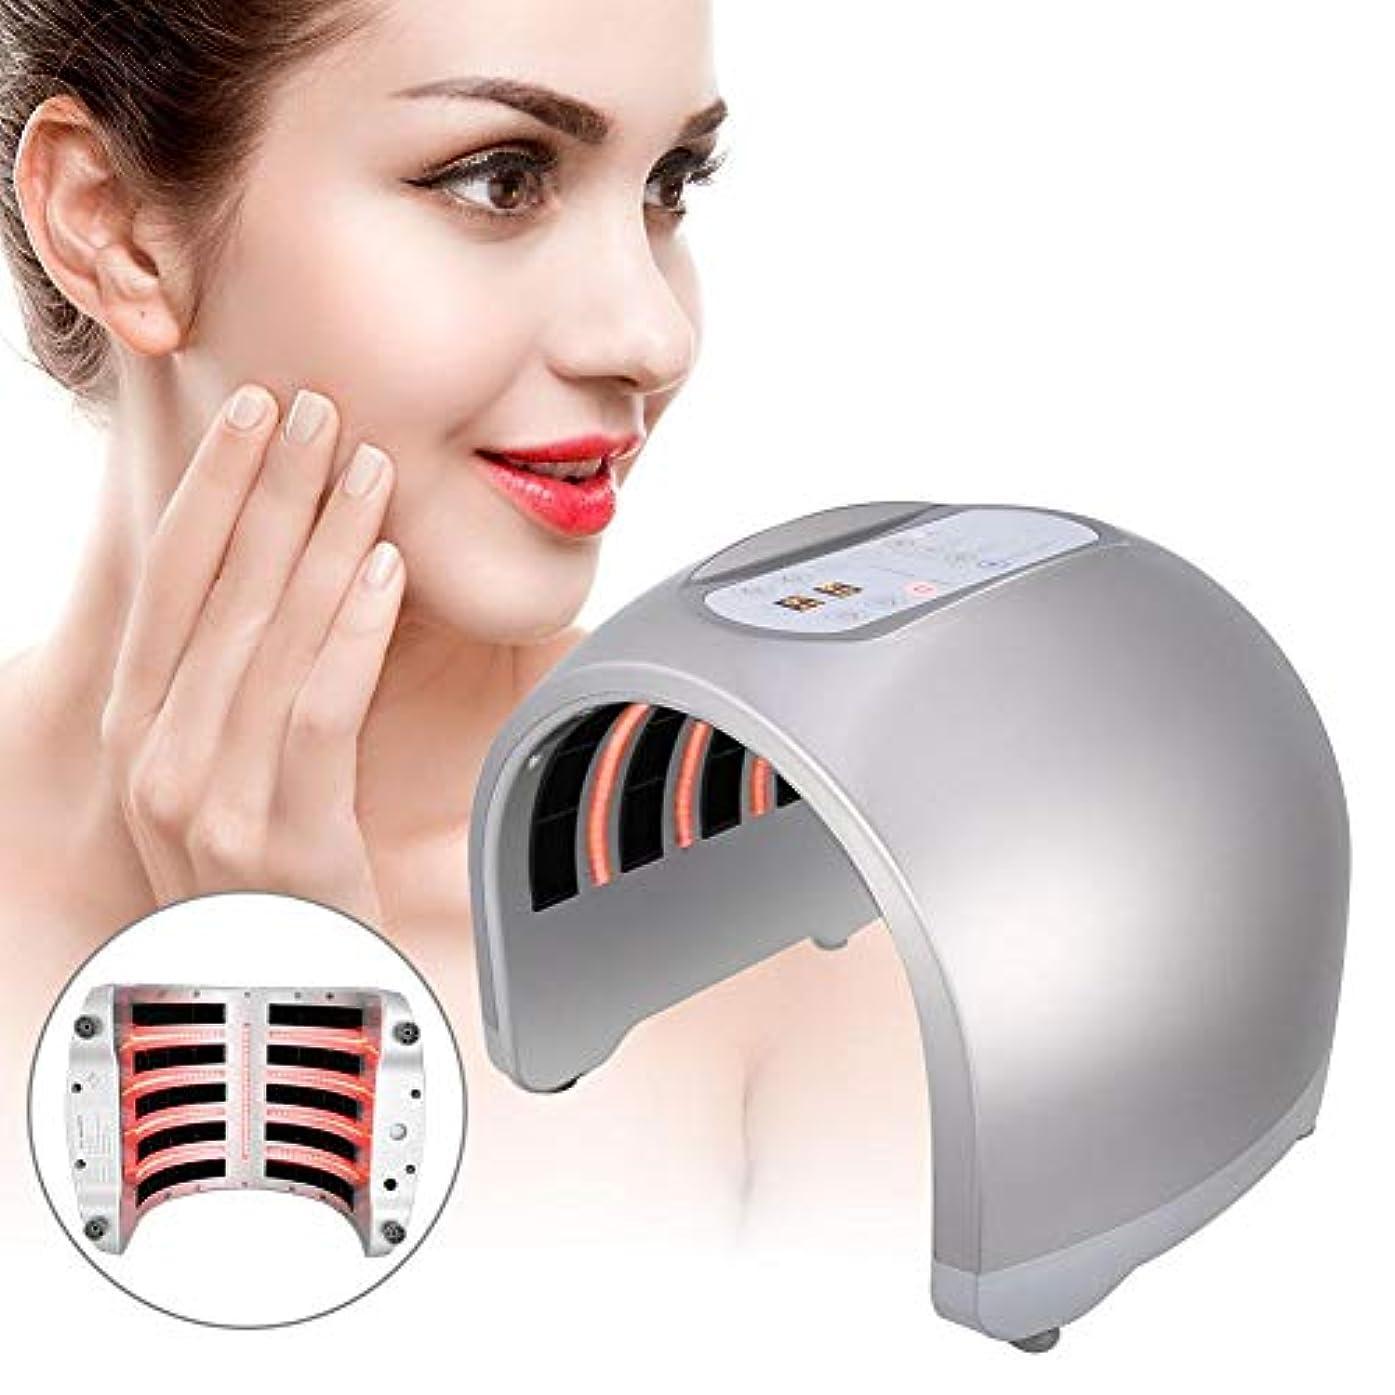 通訳気味の悪い提唱する肌の若返りLED機器-PDT 4色LEDライトフェイシャルボディスキンケア美容デバイス、しわを改善(米国のプラグ)